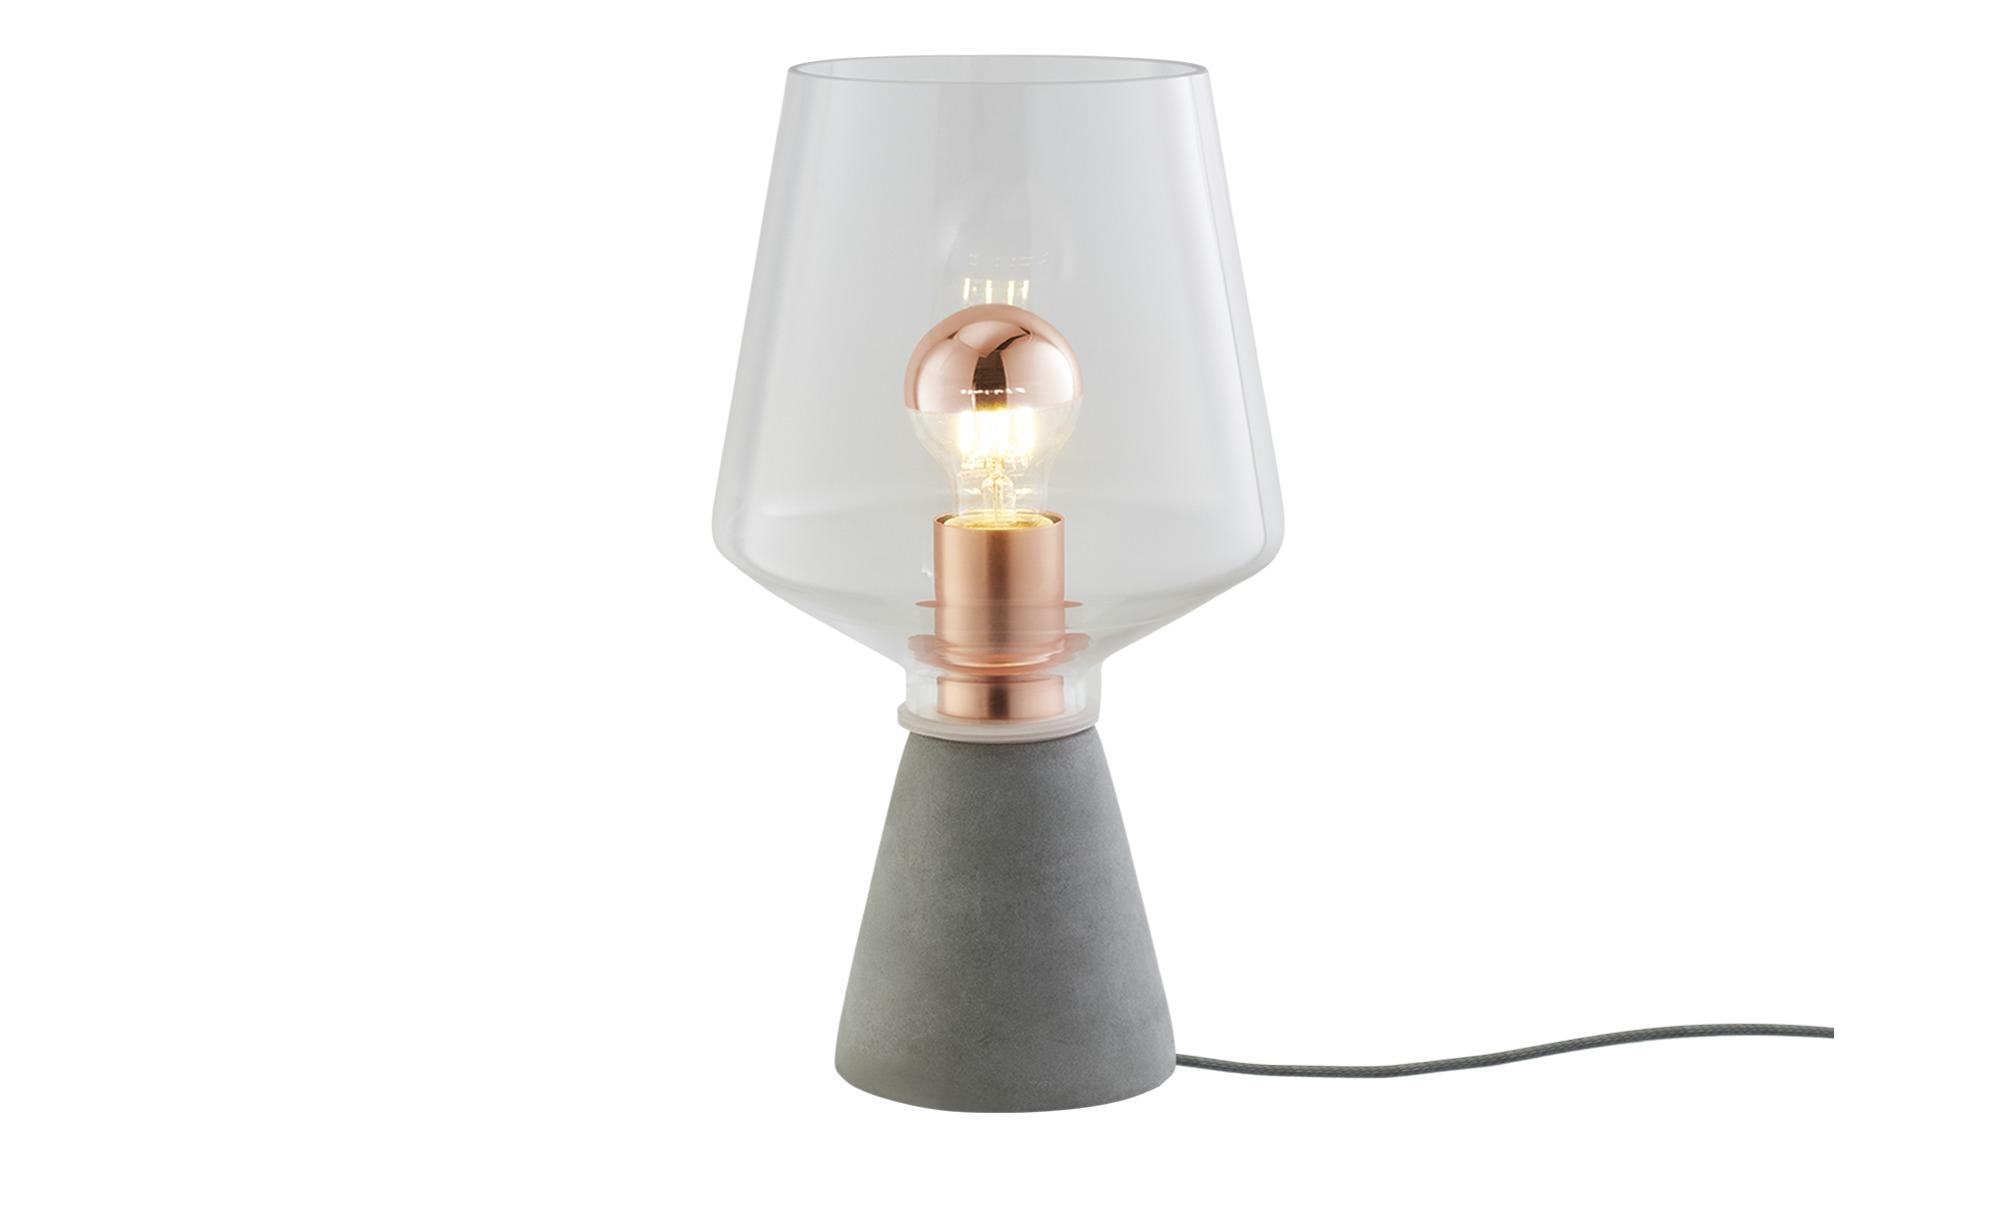 Tischleuchte, 1-flammig, Rauchglas ¦ grau ¦ Maße (cm): H: 35 Ø: 20 Lampen & Leuchten > Innenleuchten > Tischlampen - Höffner